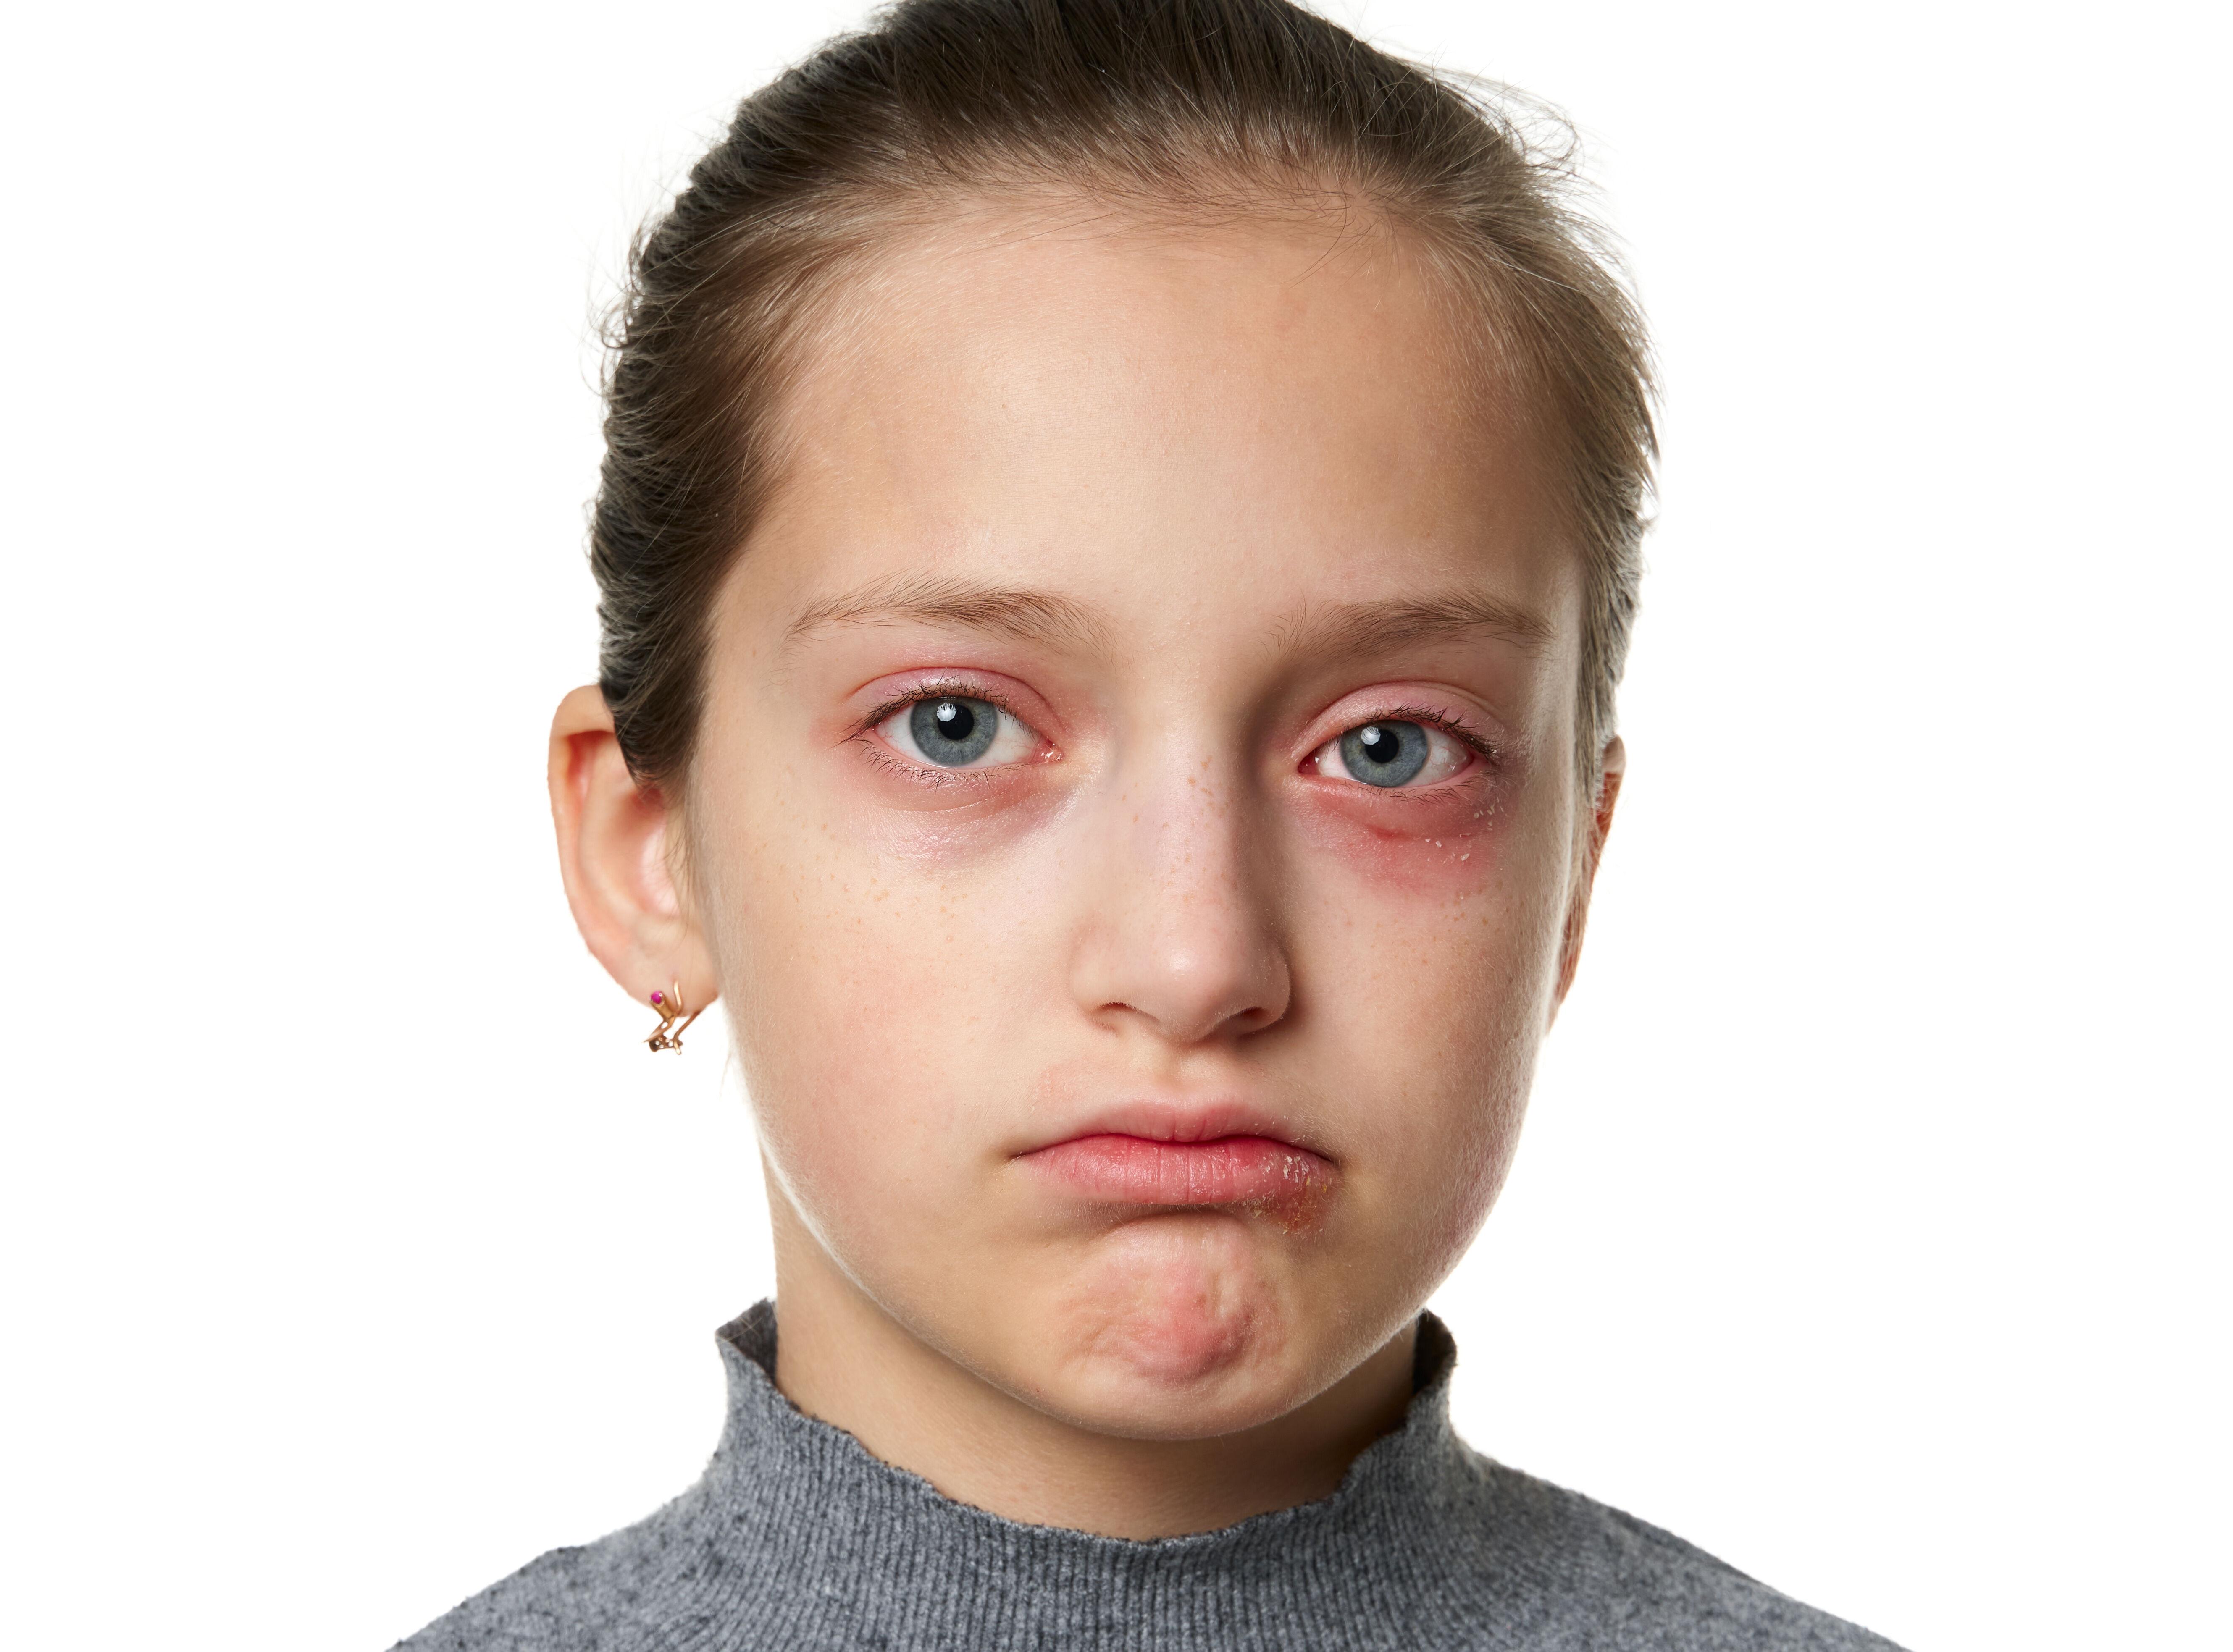 Upset girl with sore eyes